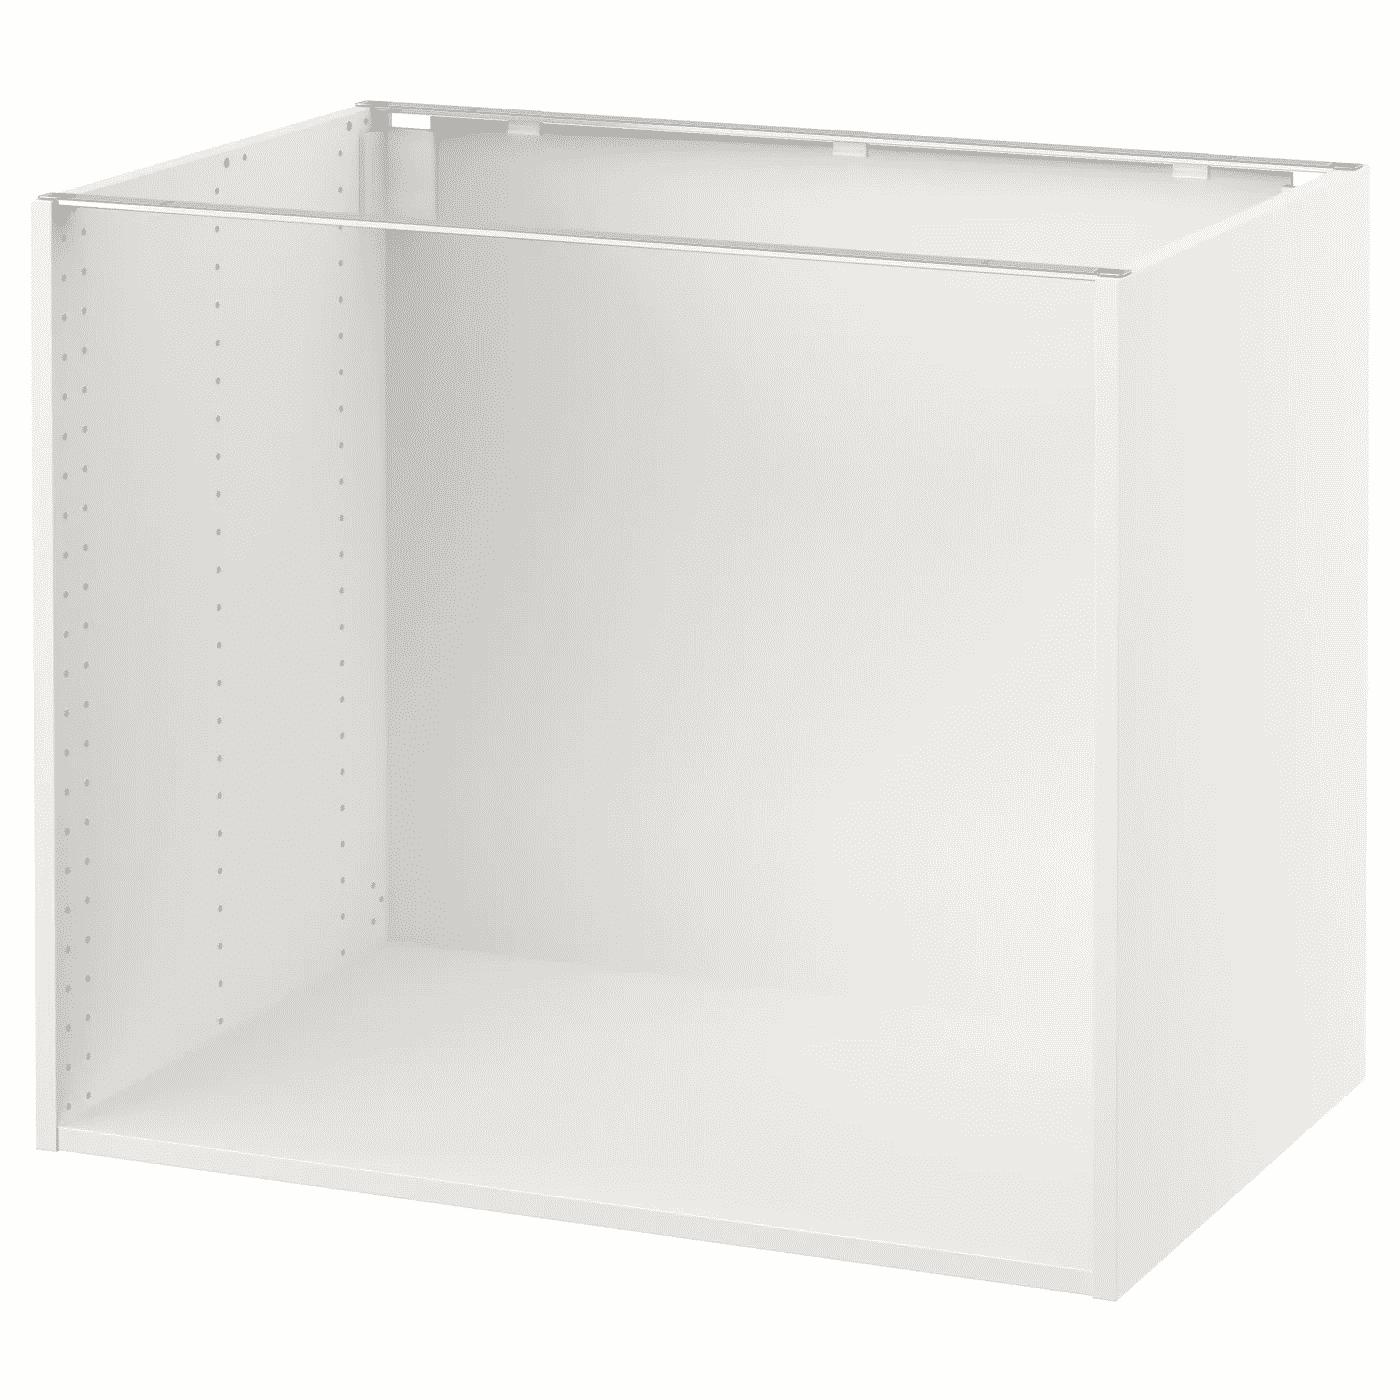 Sektion Base Cabinet Frame